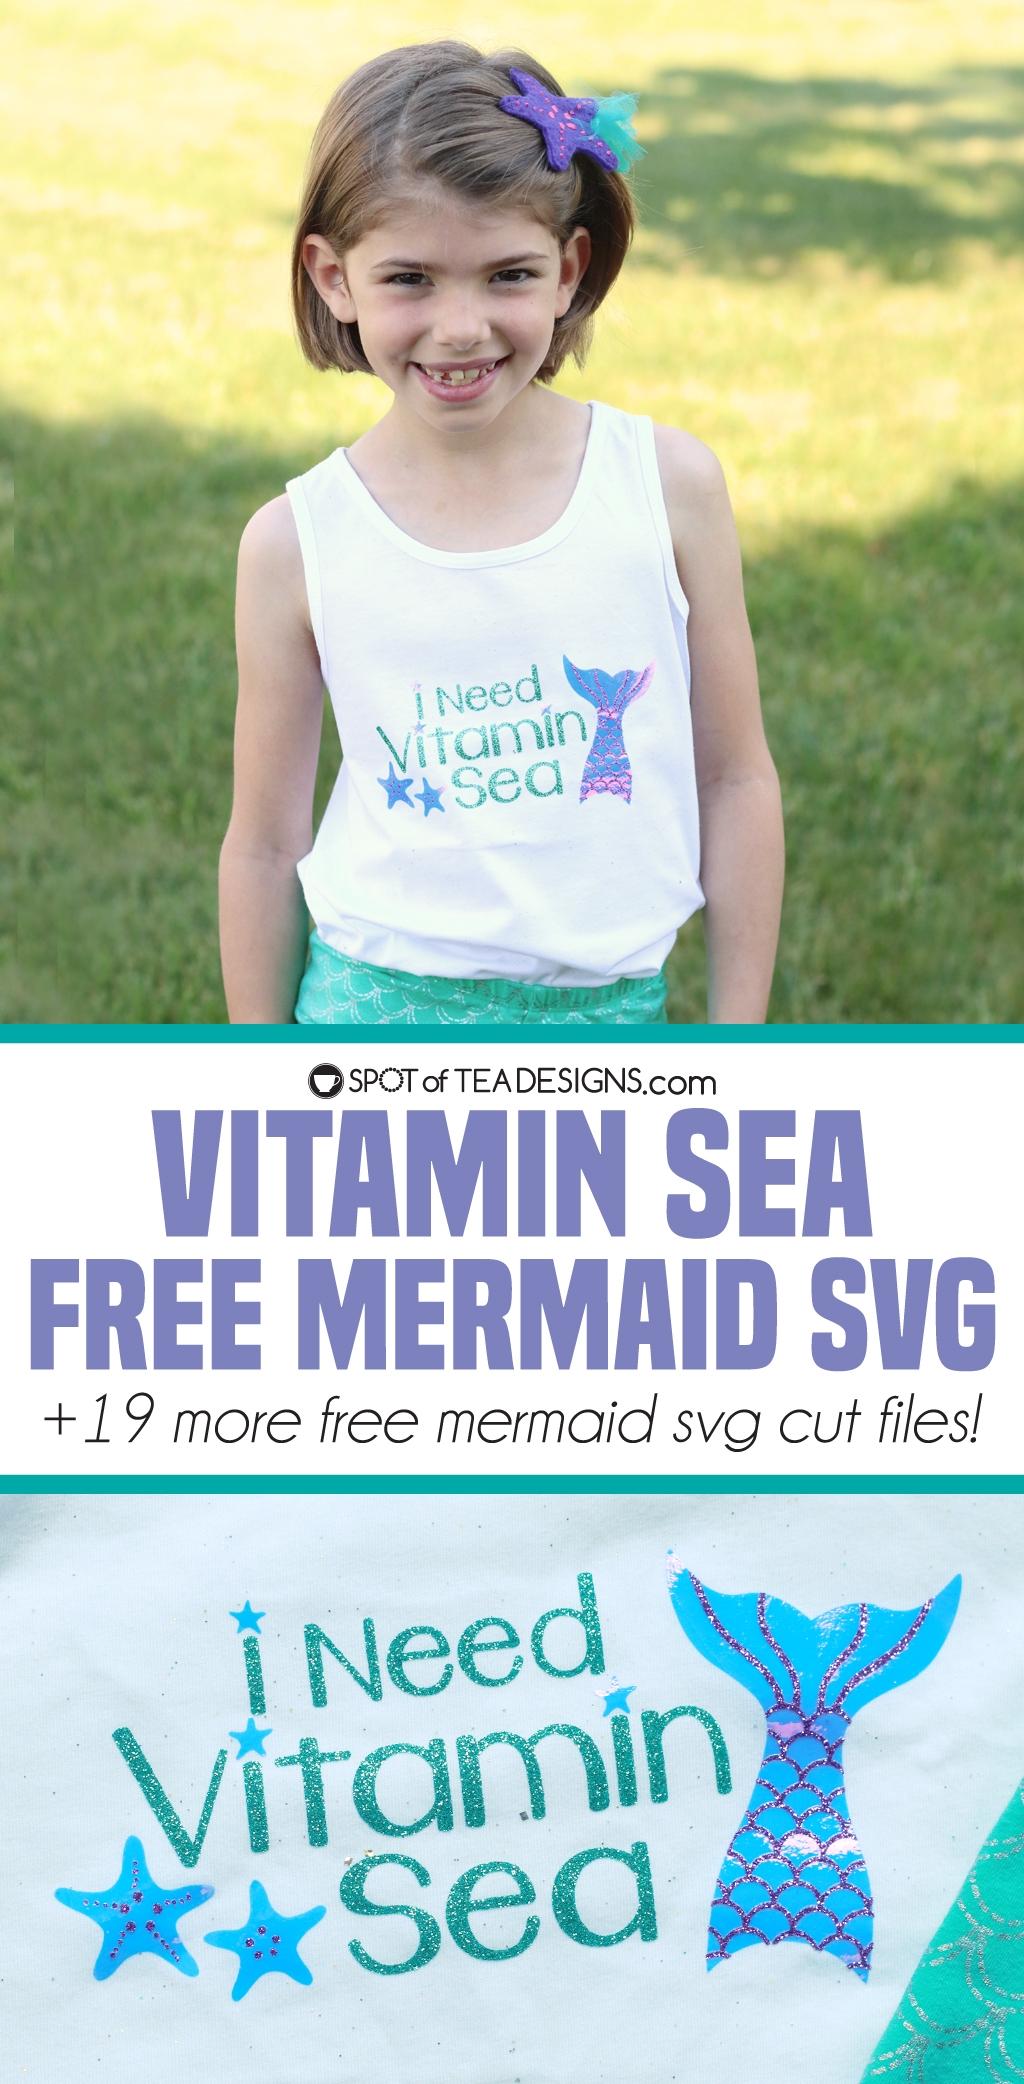 Vitamin Sea Free Mermaid SVG Cut file plus 19+ other freebies! | spotofteadesigns.com